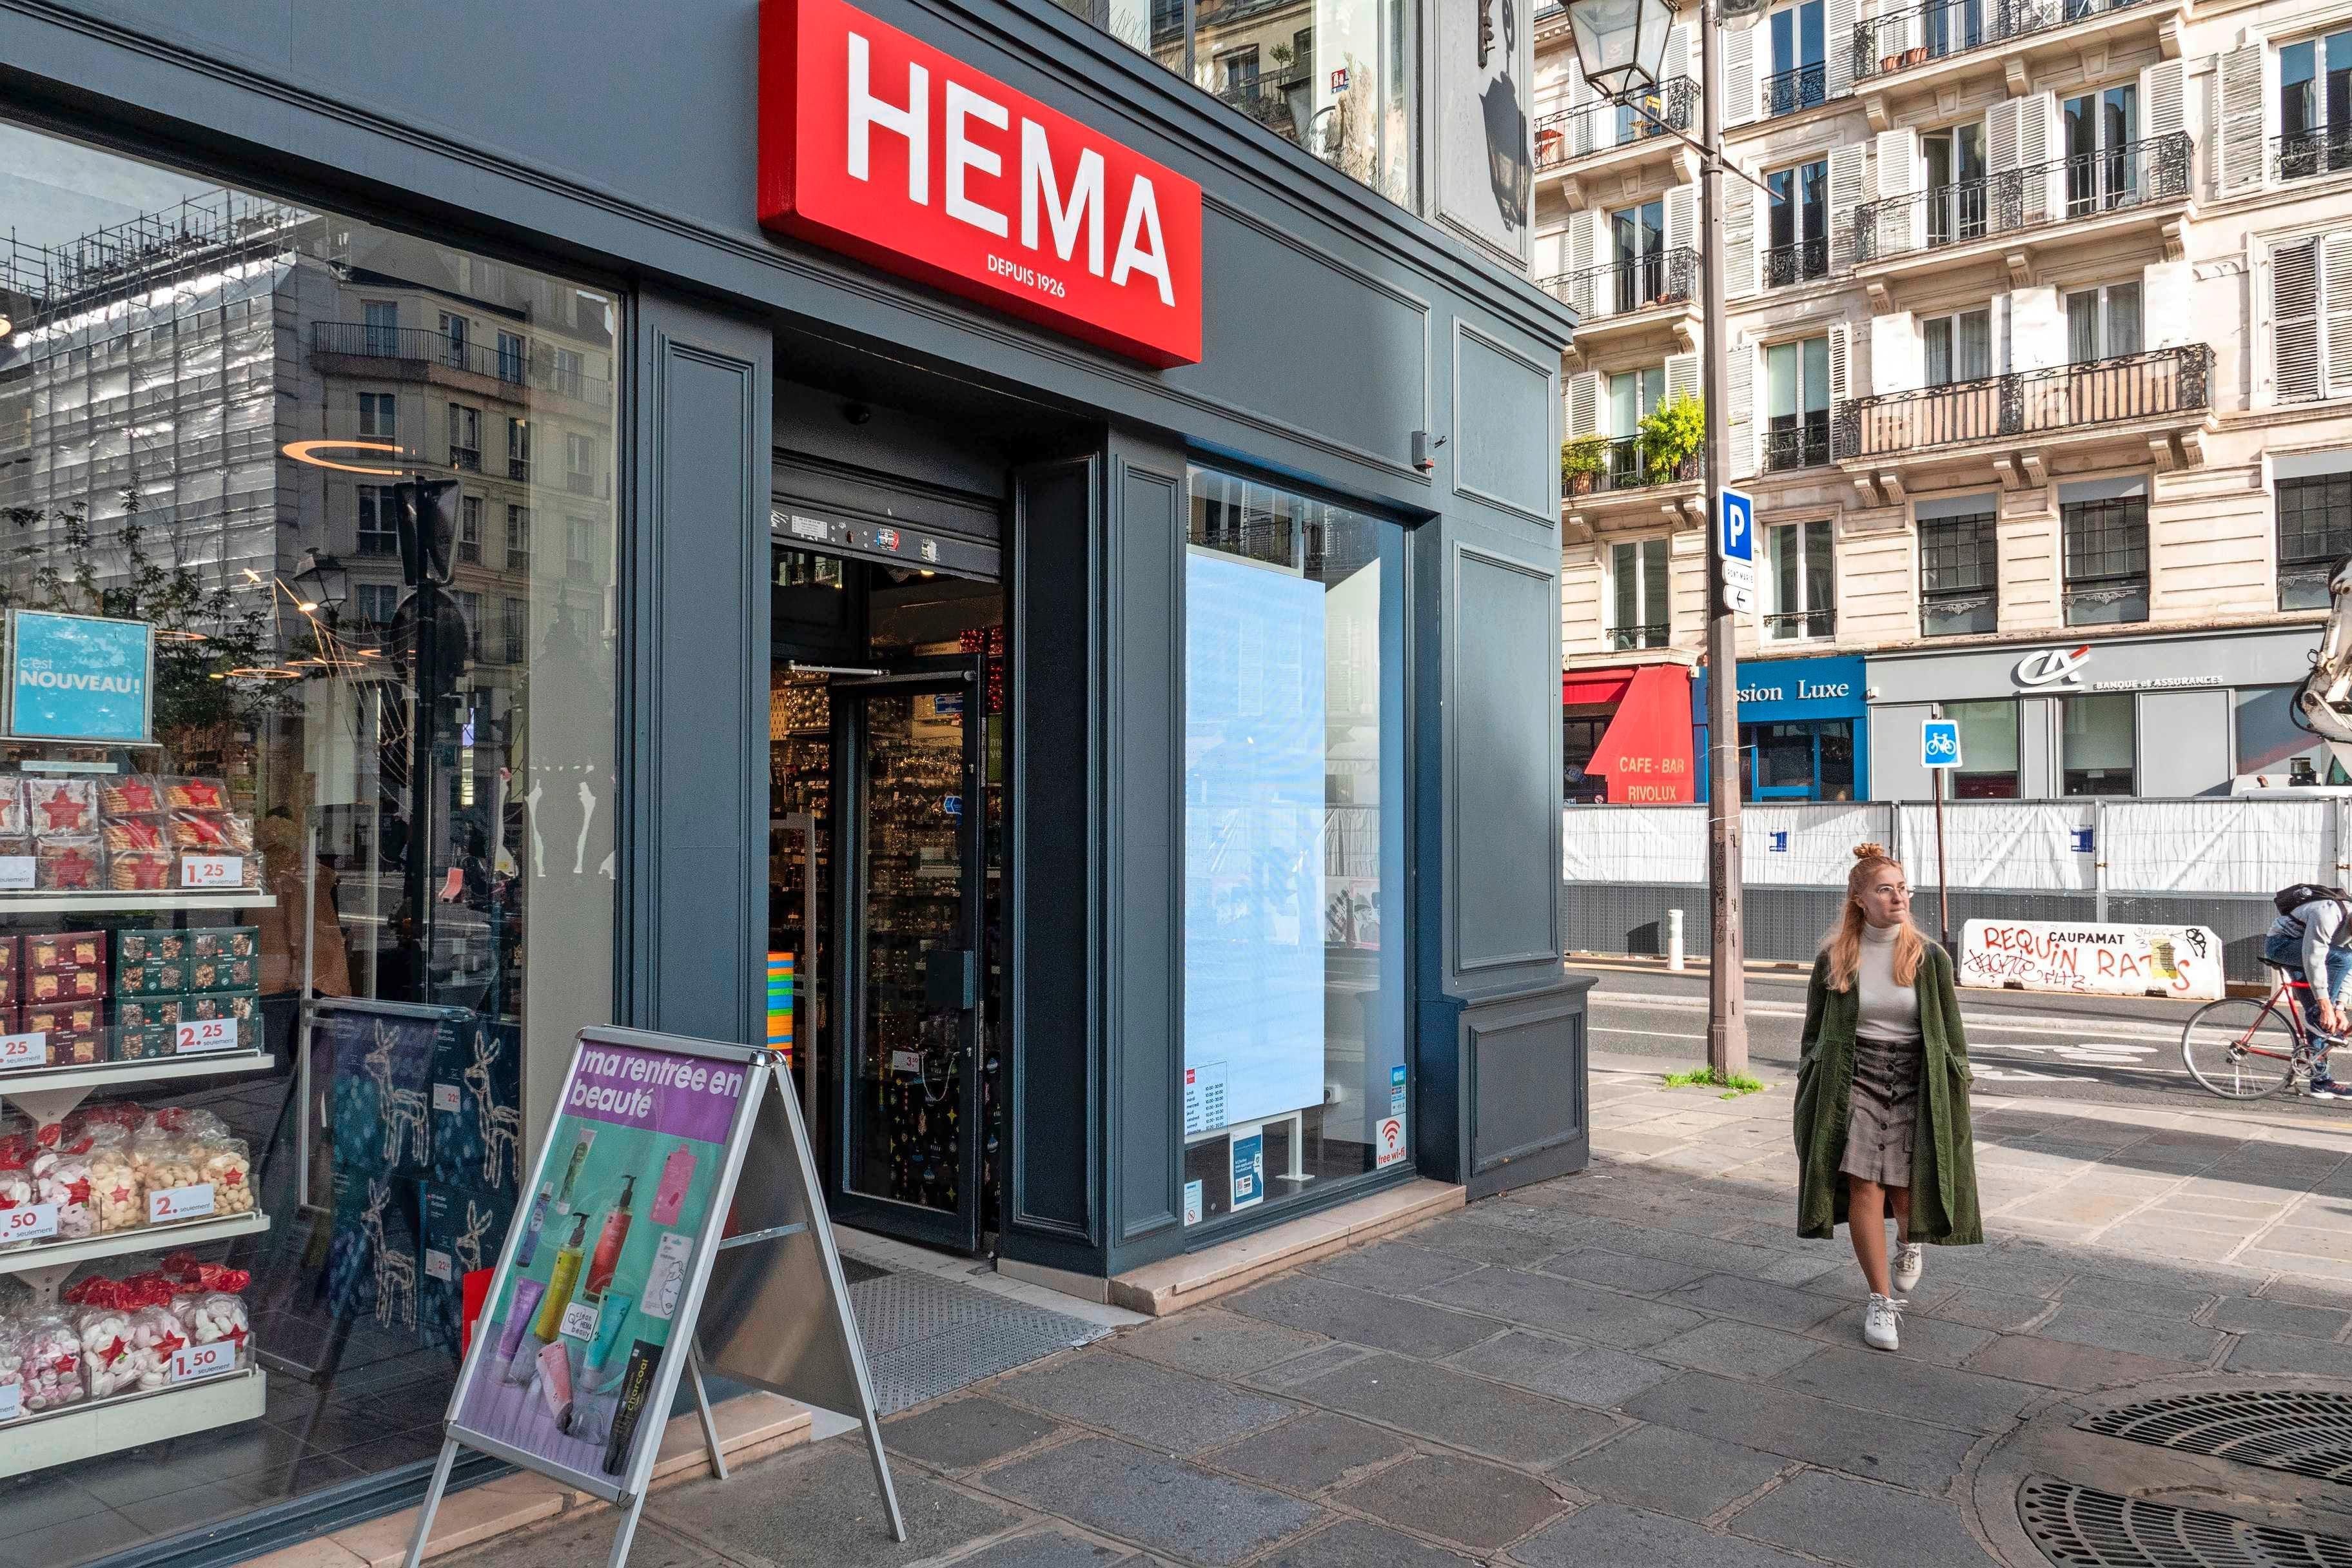 Hema trekt zich terug: 'Geen wereldmerk, maar een retailer'